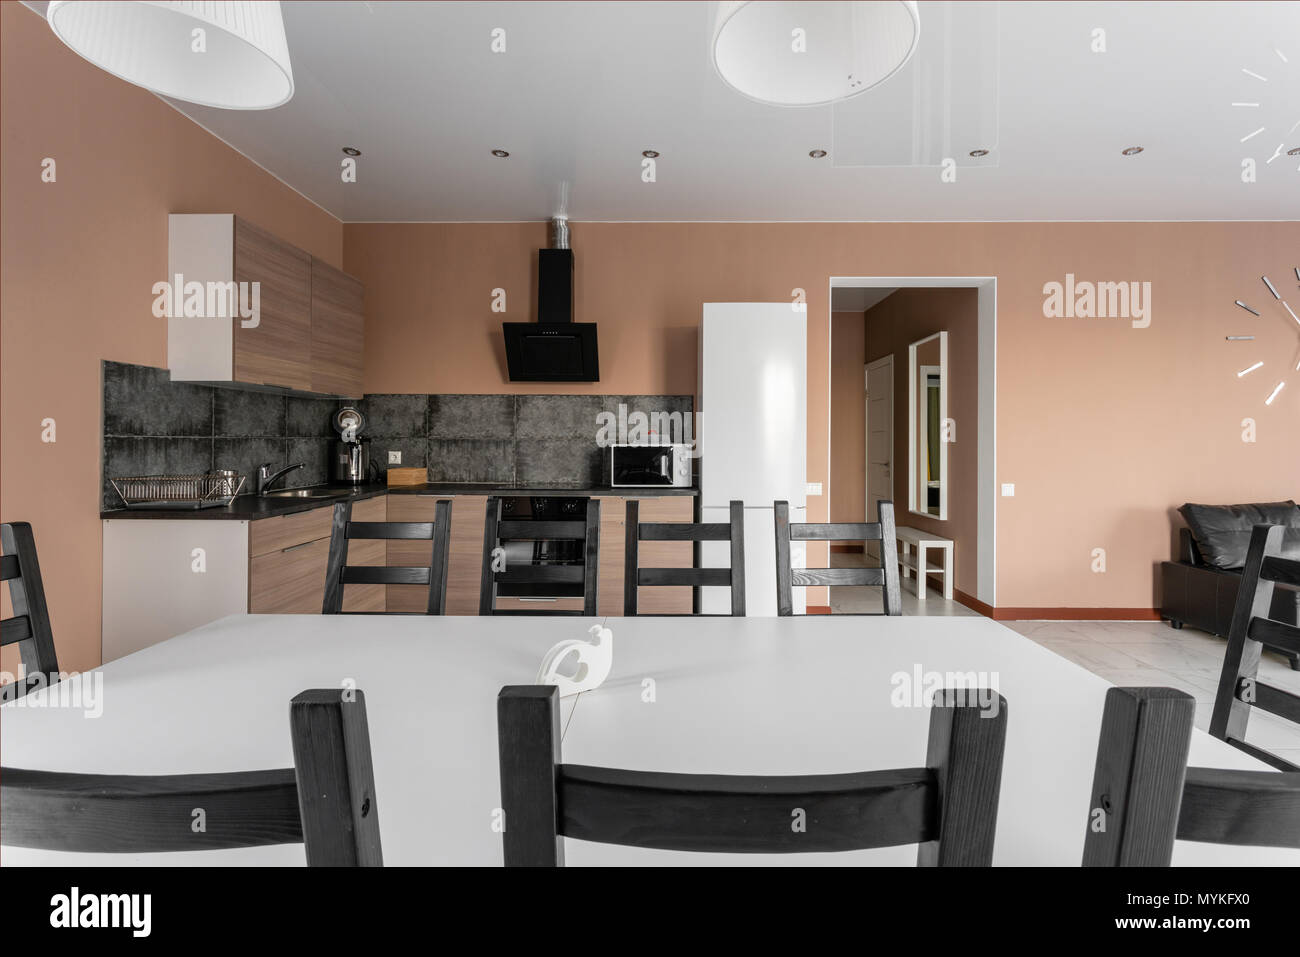 Superieur Moderner Minimalismus Style Salon Interieur. Einfache Und Kostengünstige  Wohnzimmer Mit Küche. Tageslicht Am Morgen